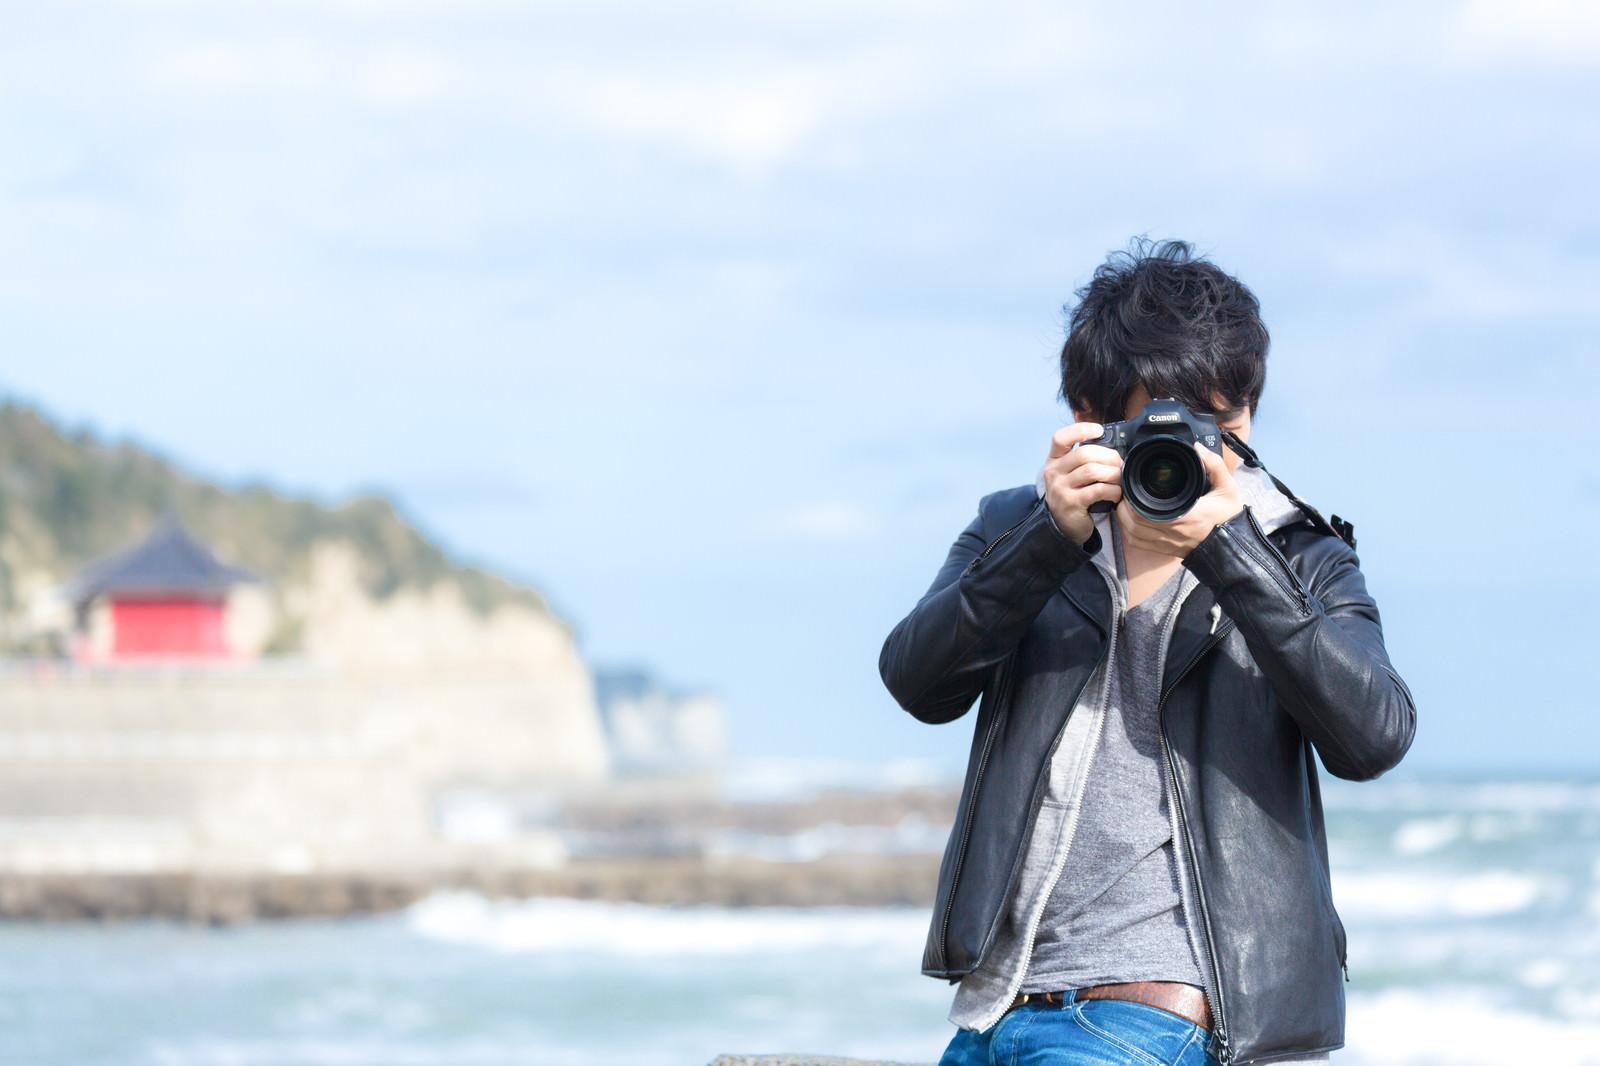 「海岸でカメラを構える男性」の写真[モデル:大川竜弥]